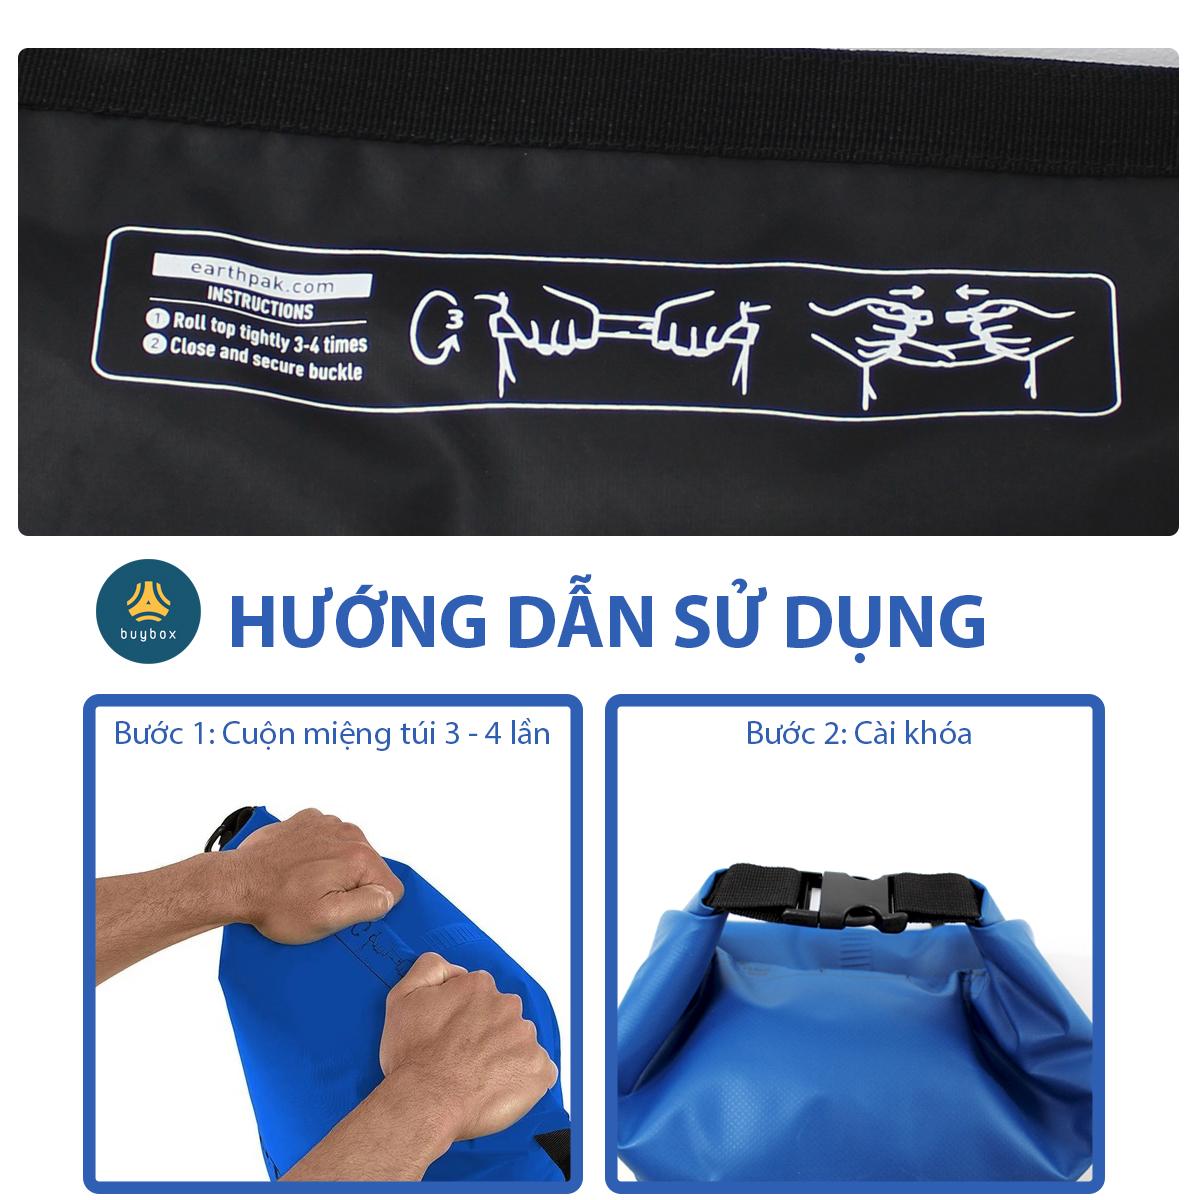 Dễ dàng sử dụng Balo chống nước đi phượt chất liệu 500D PVC sản xuất tại Việt Nam - 10L, 20L, 30L, 40L, 55L - buybox - BBPK161